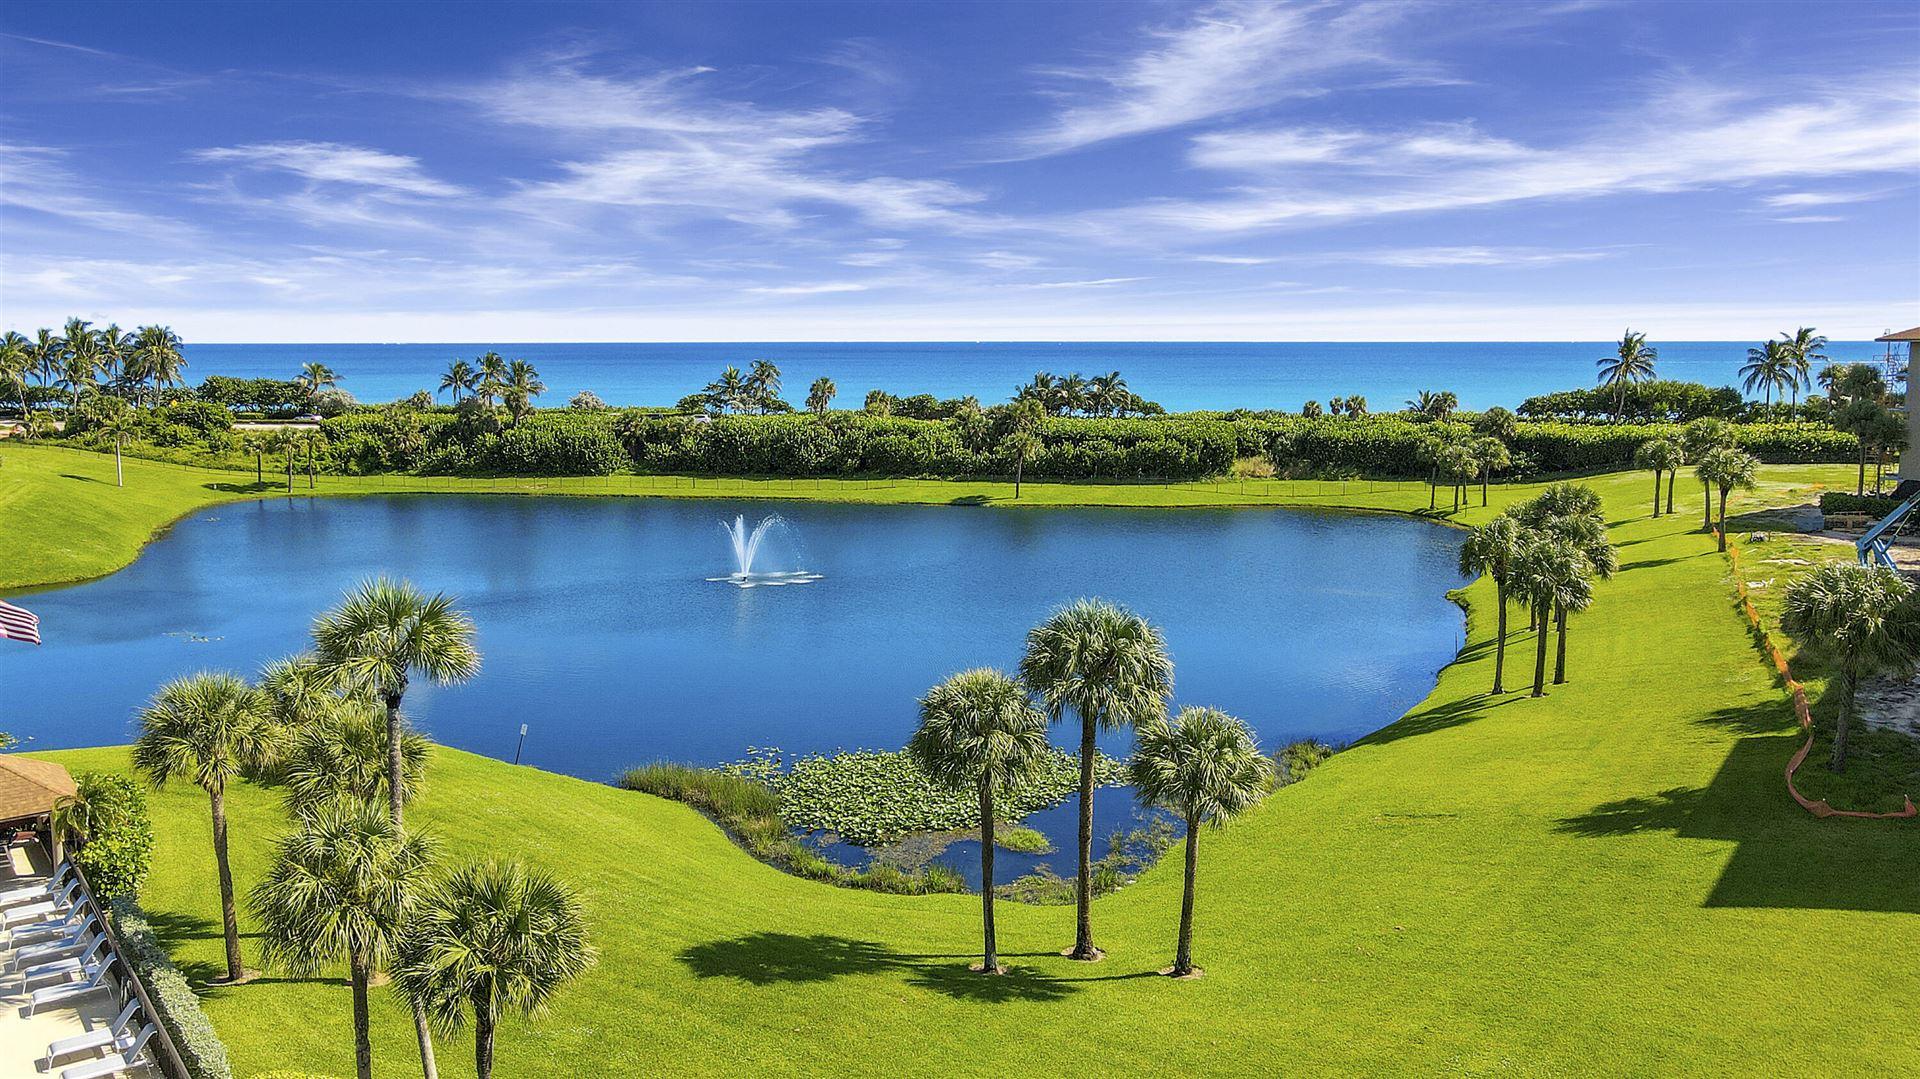 Photo of 501 S Seas Drive #402, Jupiter, FL 33477 (MLS # RX-10754776)